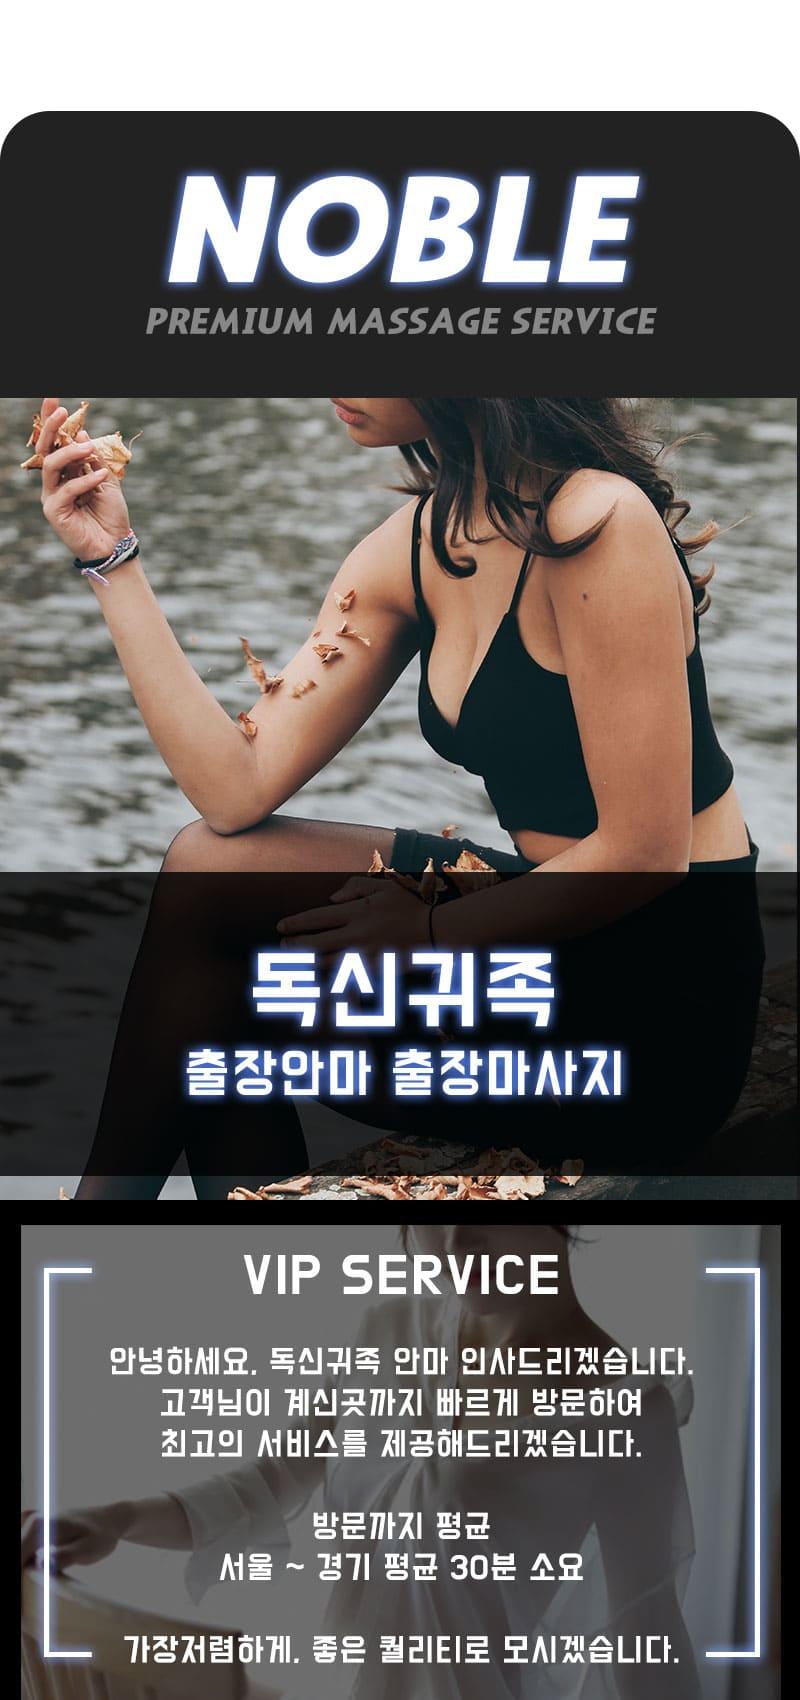 목동출장안마 소개